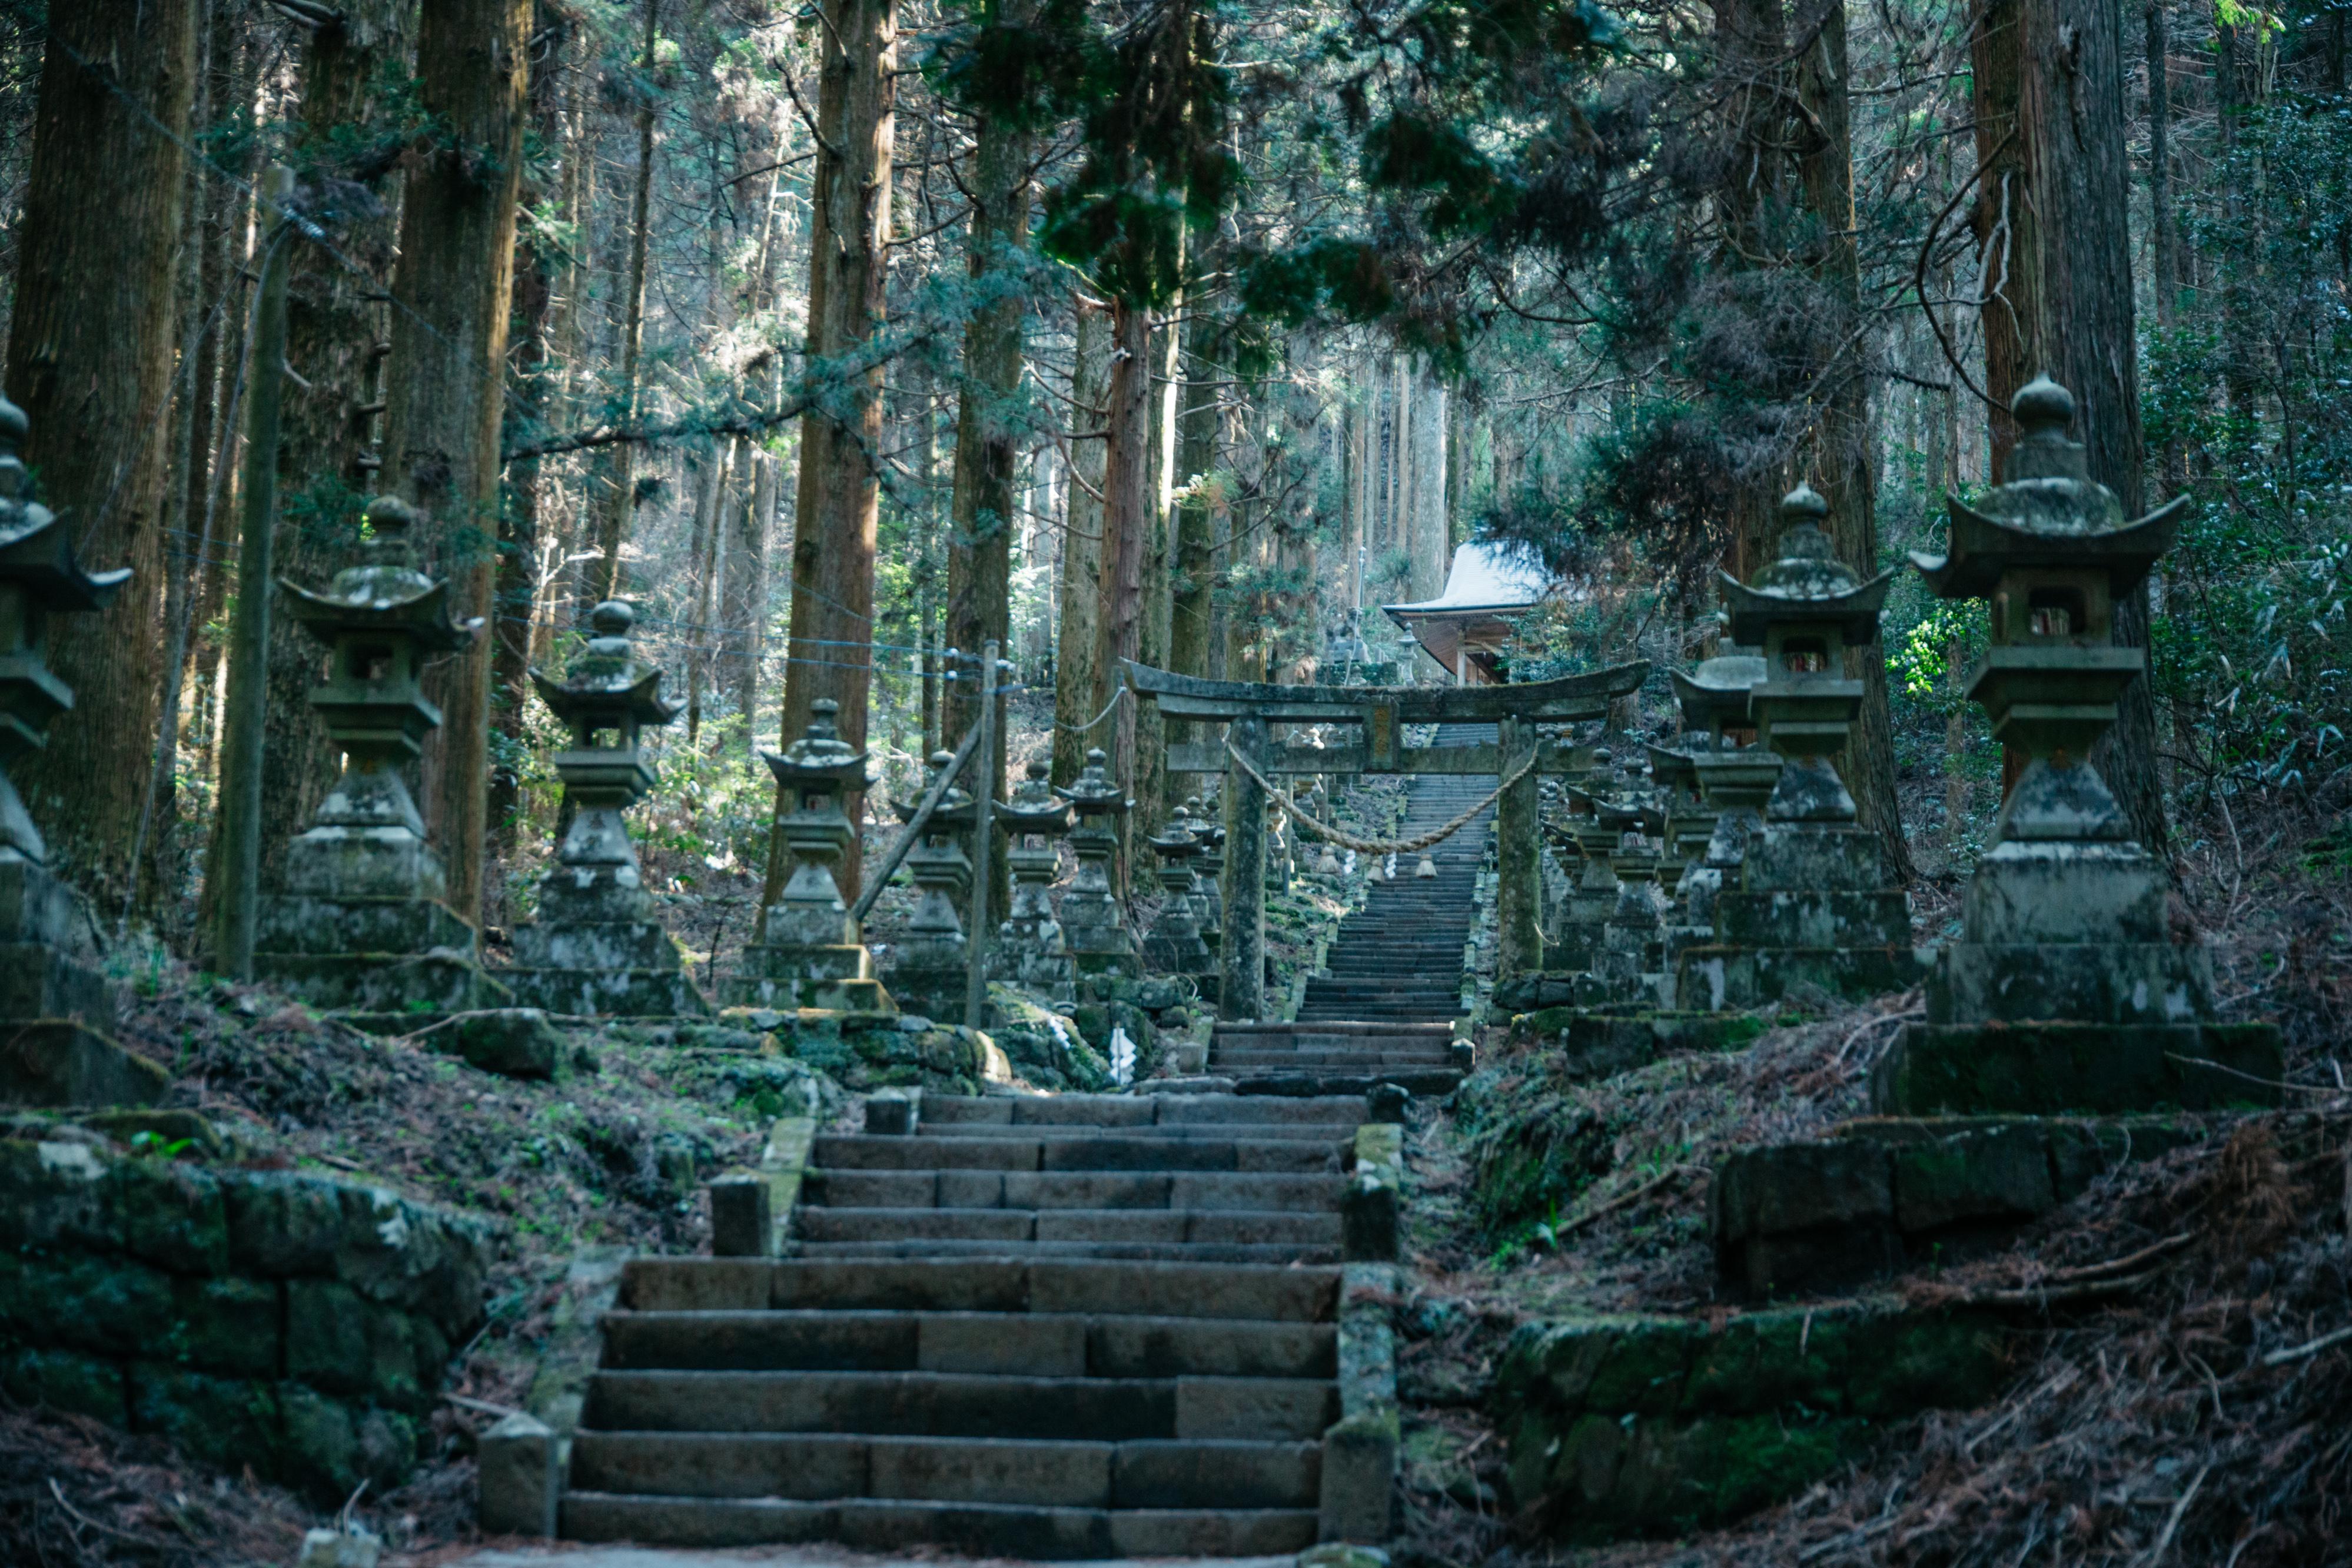 森の奥へ奥へと歩みを進めるほどに、異世界へと誘われているかのような気分に